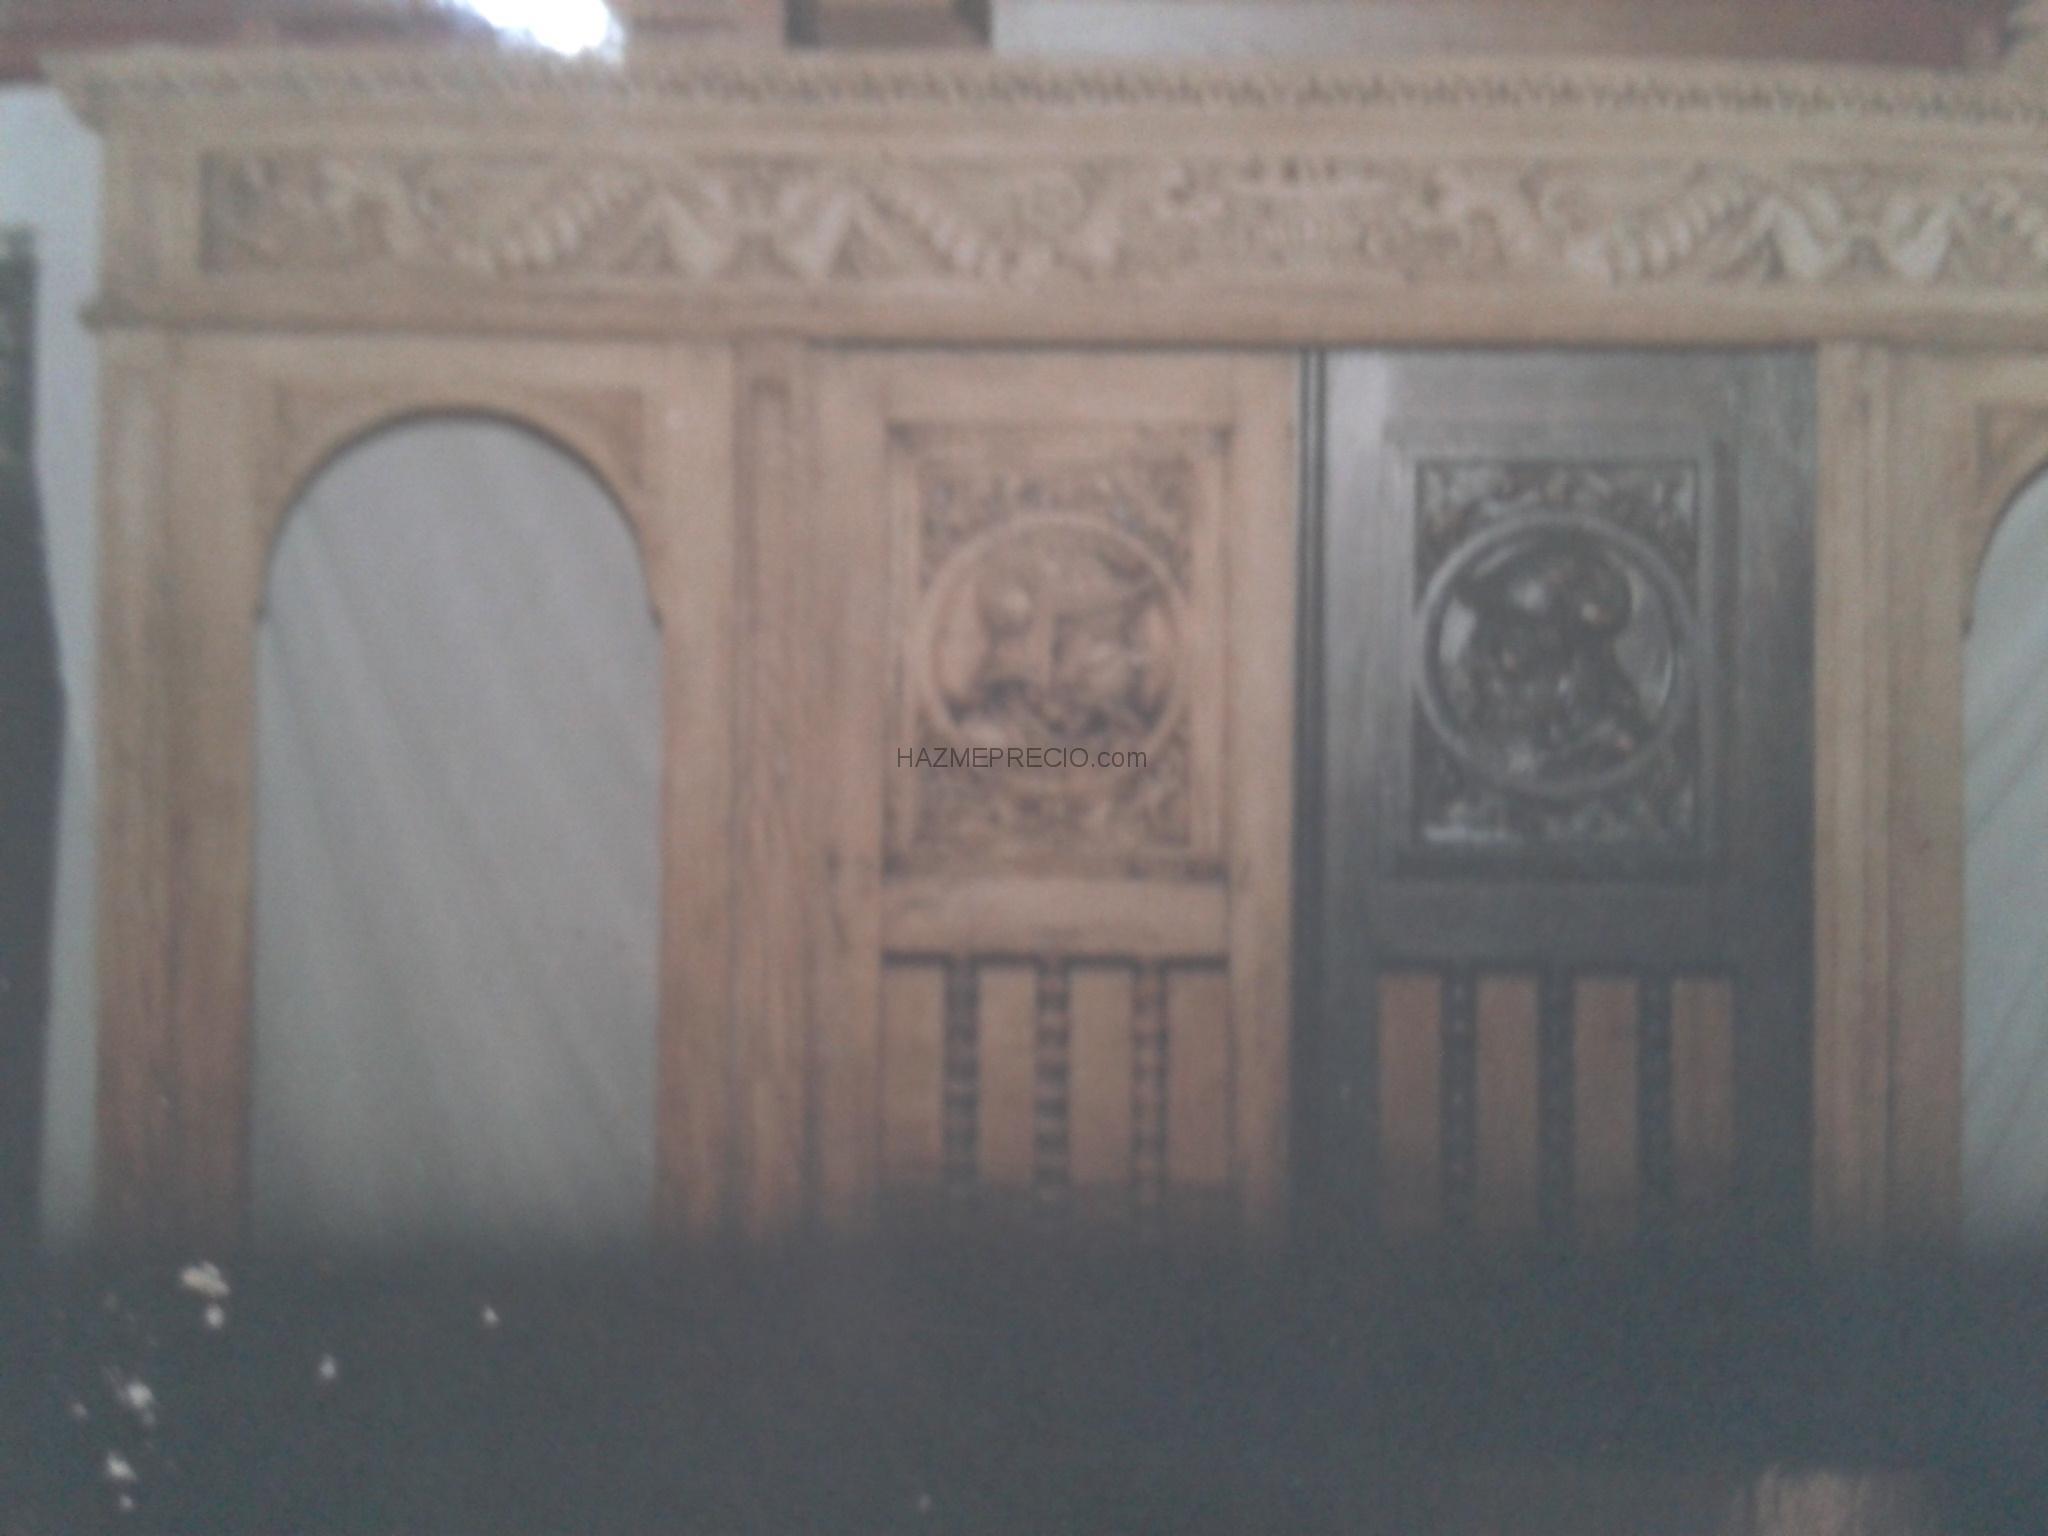 Barnizados lacados fr 48015 bilbao vizcaya for Como lacar un mueble barnizado